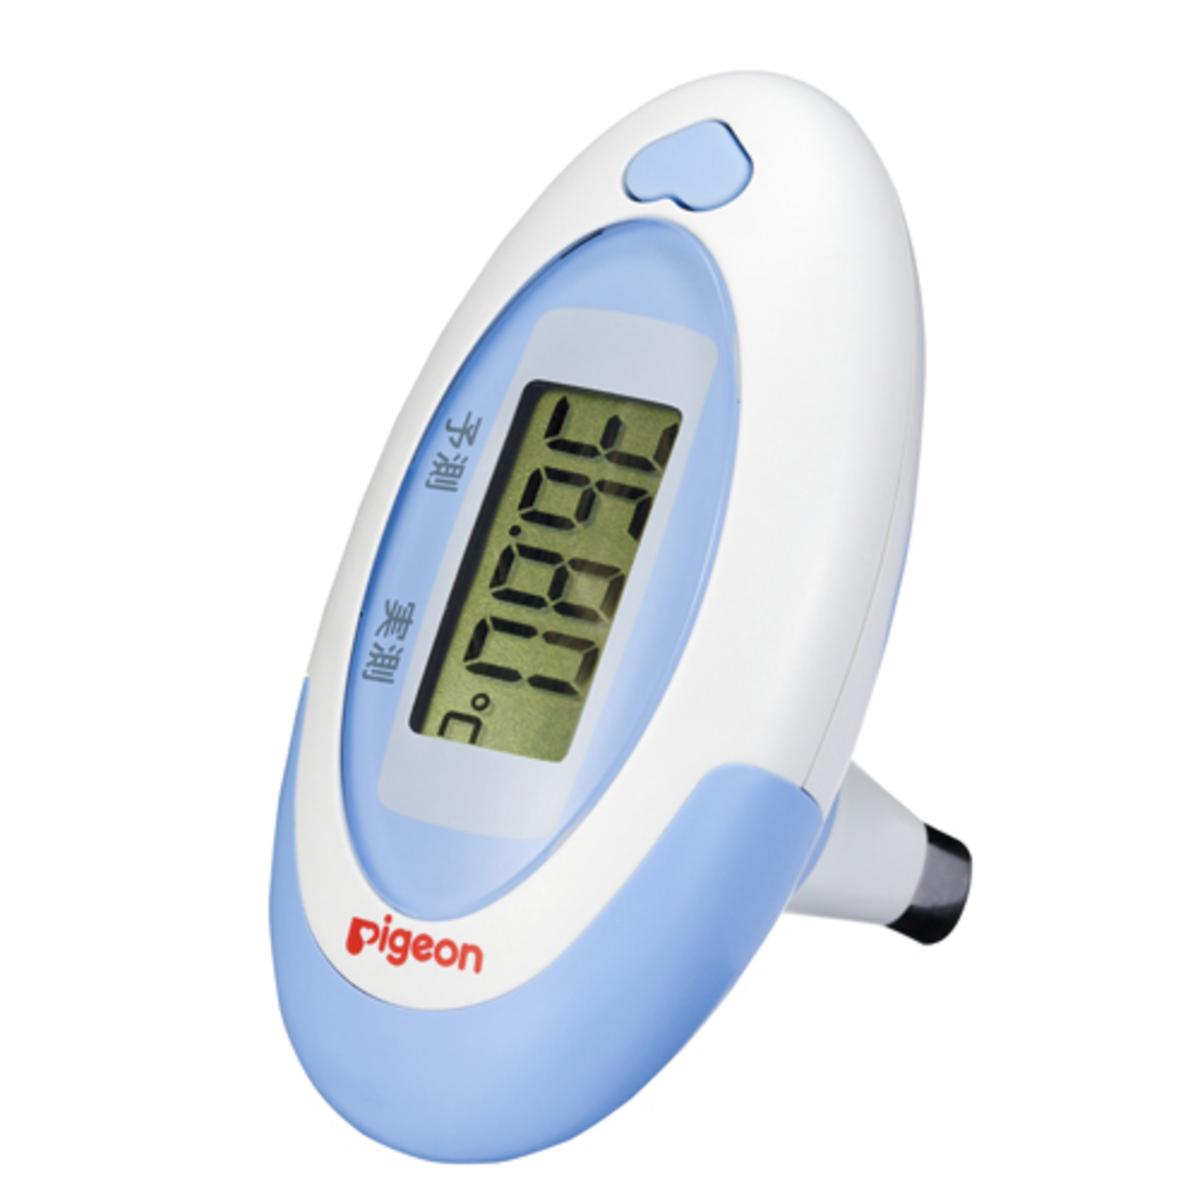 嬰兒 腋下 探熱器 體溫計 探熱針